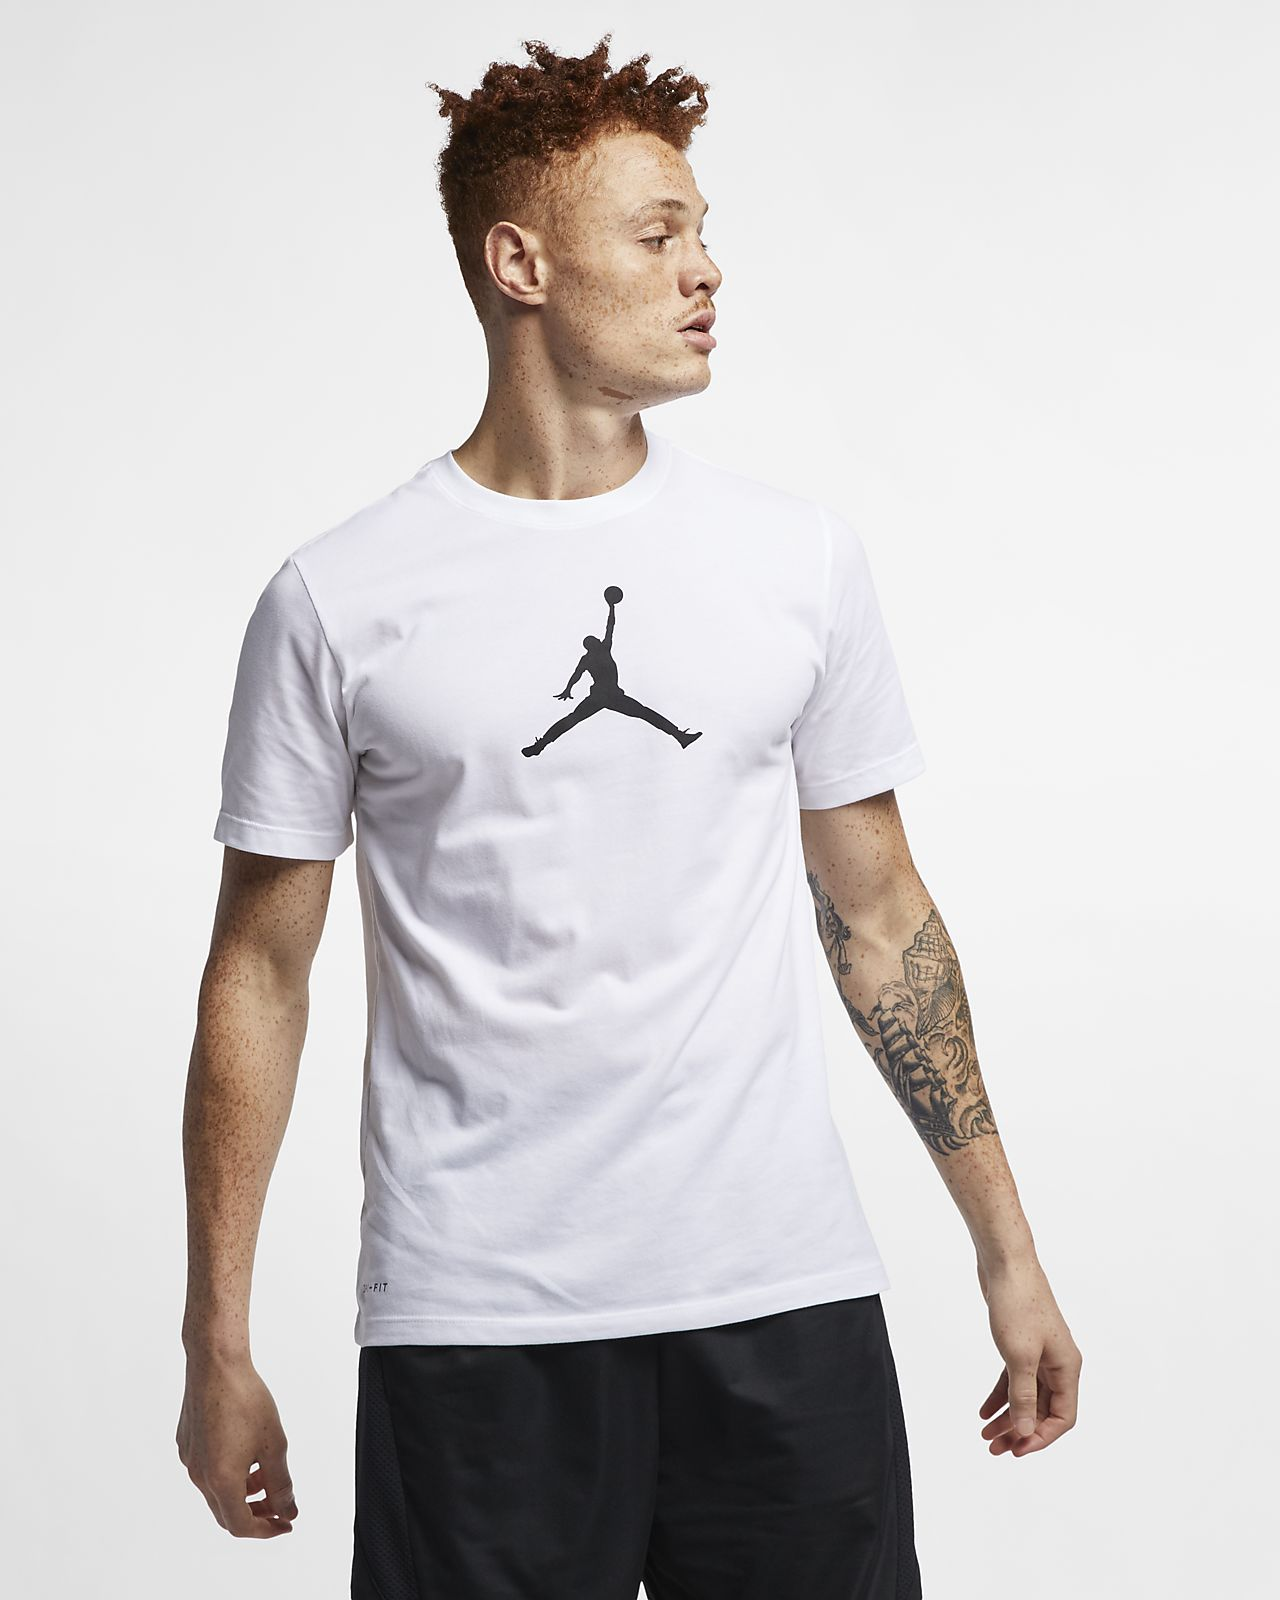 af6f16a73c7 Jordan Iconic 23/7 Men's Training T-Shirt. Nike.com ZA